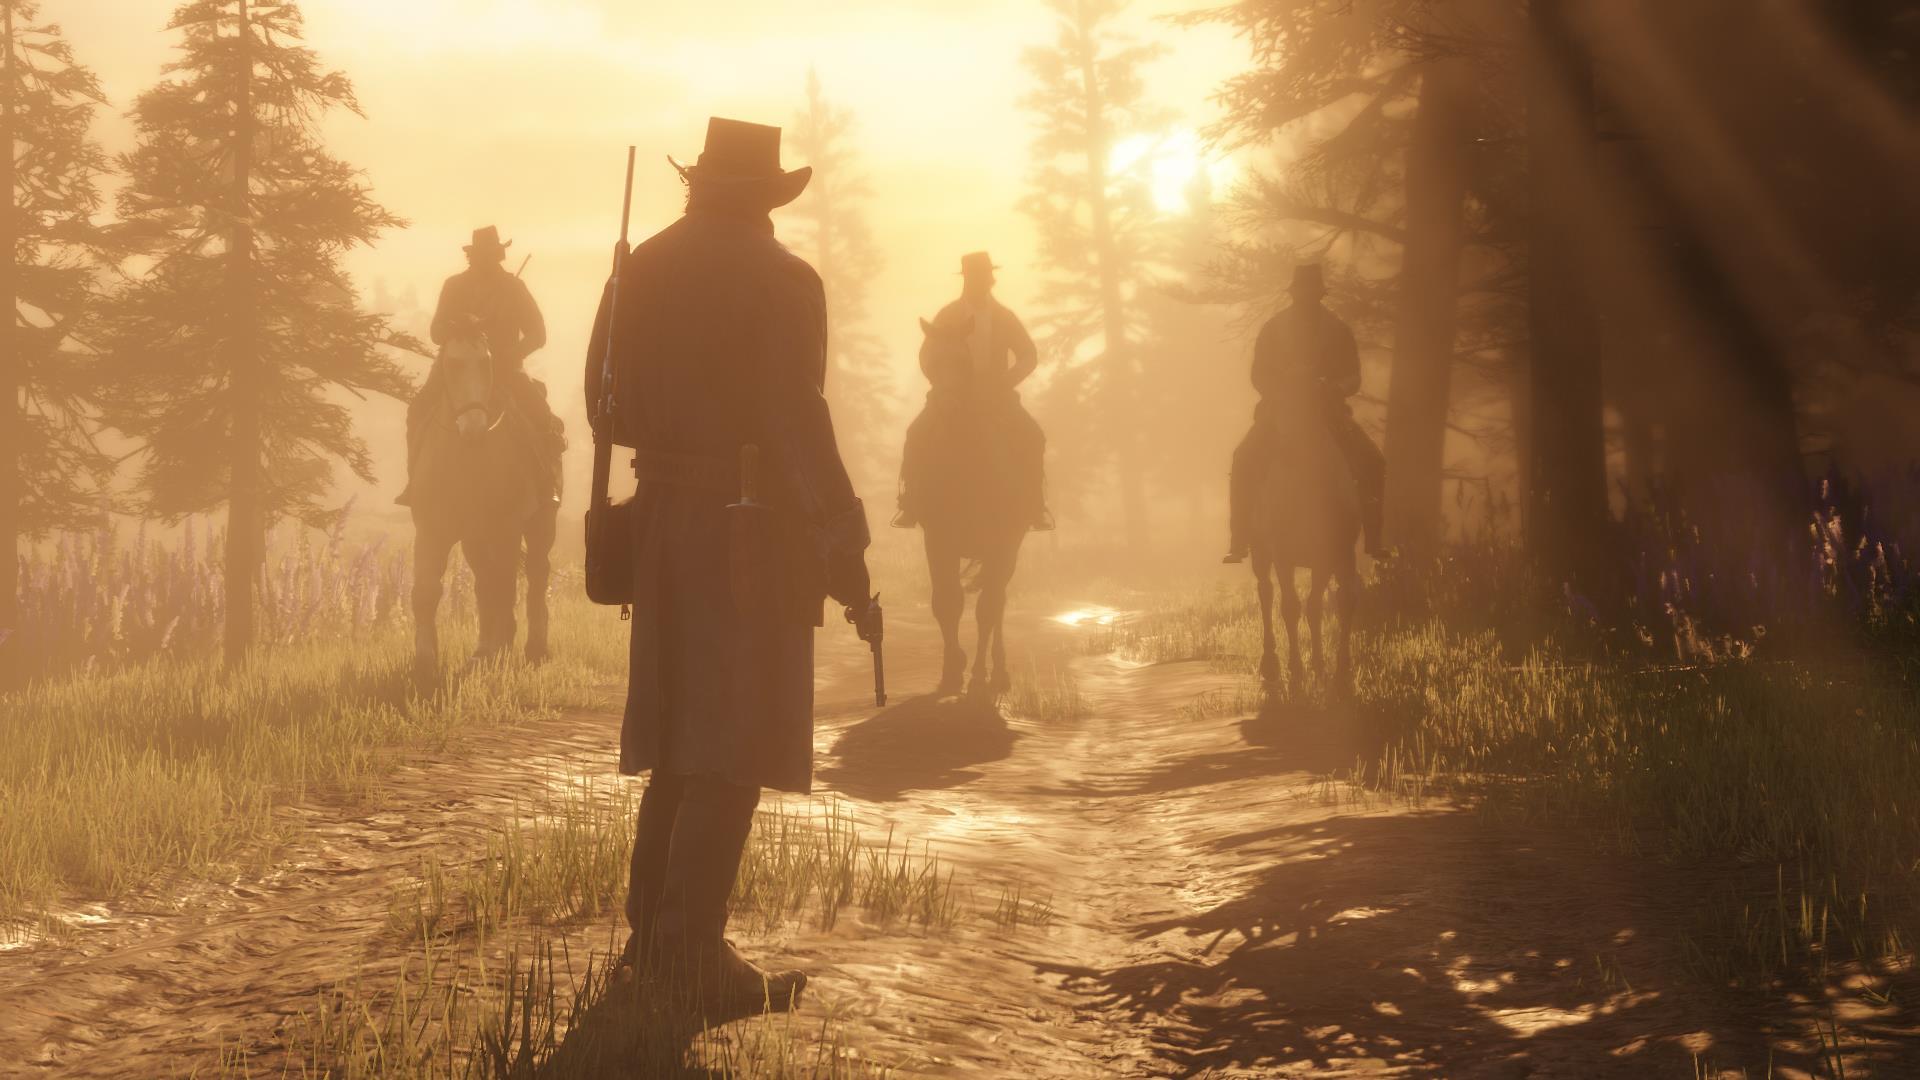 Neue Screenshots zu Red Dead Redemption 2 zeigen Tierwelt, Open World und Charaktere. Bild 1 - Quelle: Rockstar Games